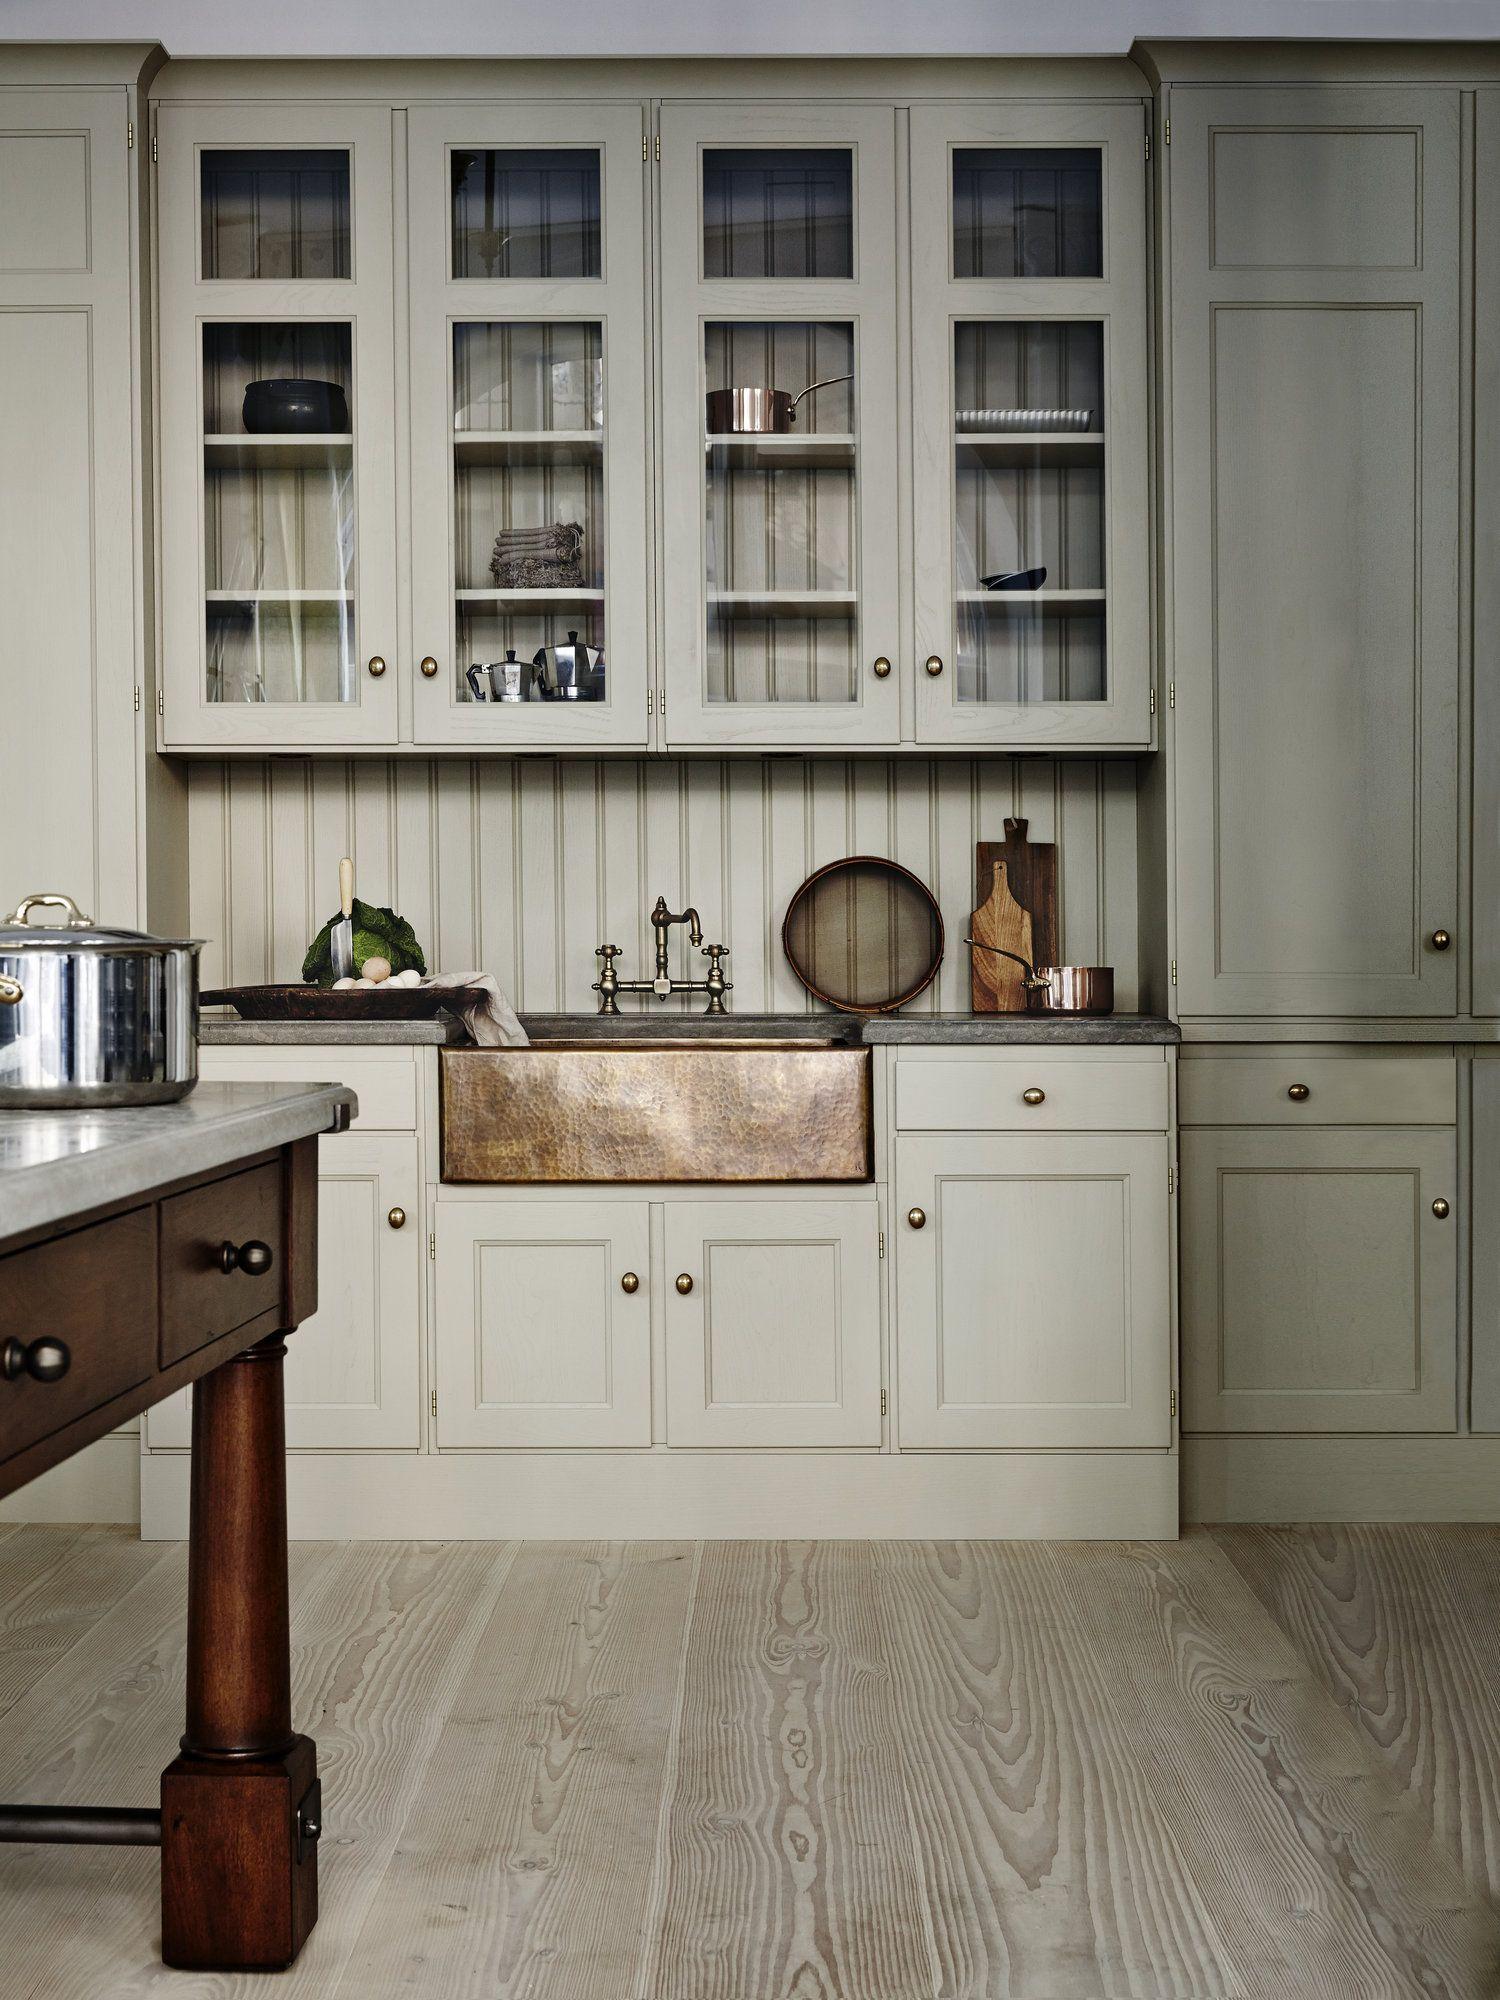 Warm Gray Kitchen Kitchen Cabinets Pinterest Warm Grey Kitchen - Warm grey kitchen cabinets